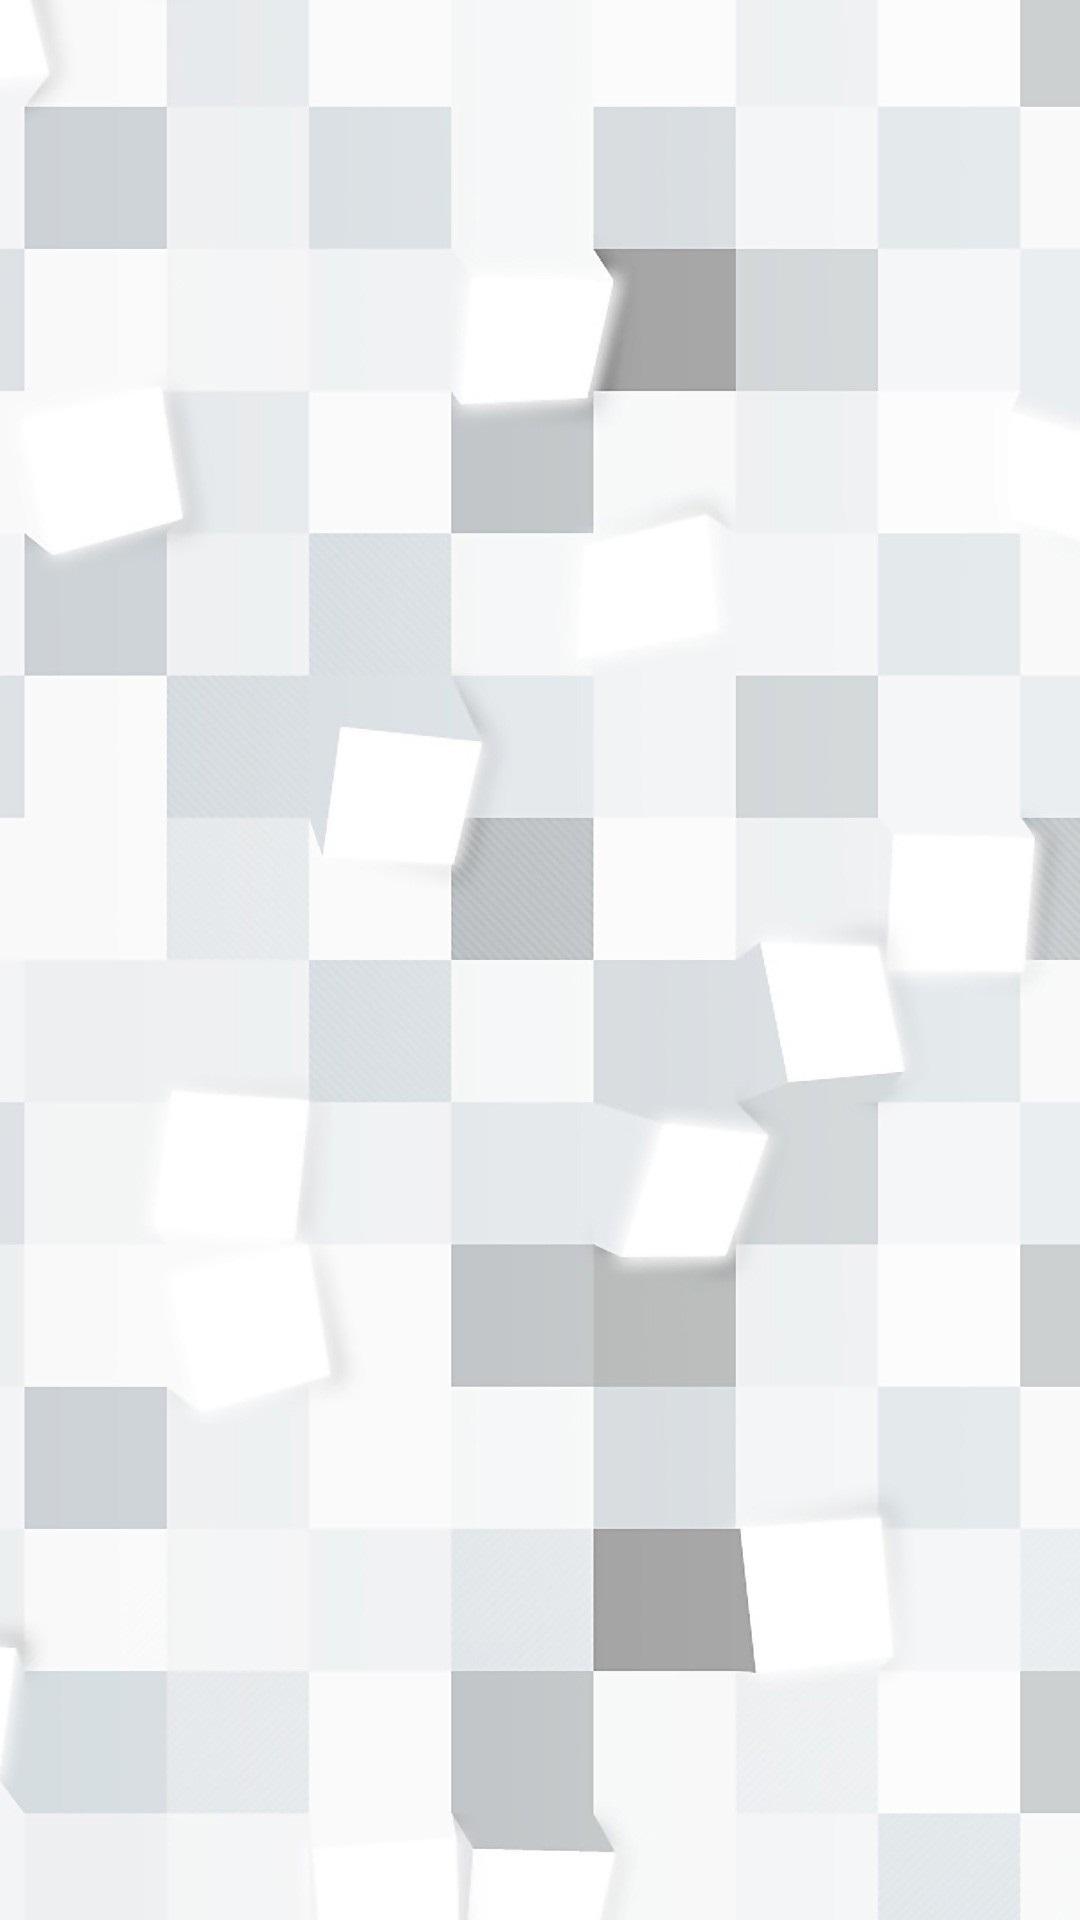 电脑上wap网:特写 抽象 黑白 创意 苹果手机高清壁纸 1080x1920_爱思